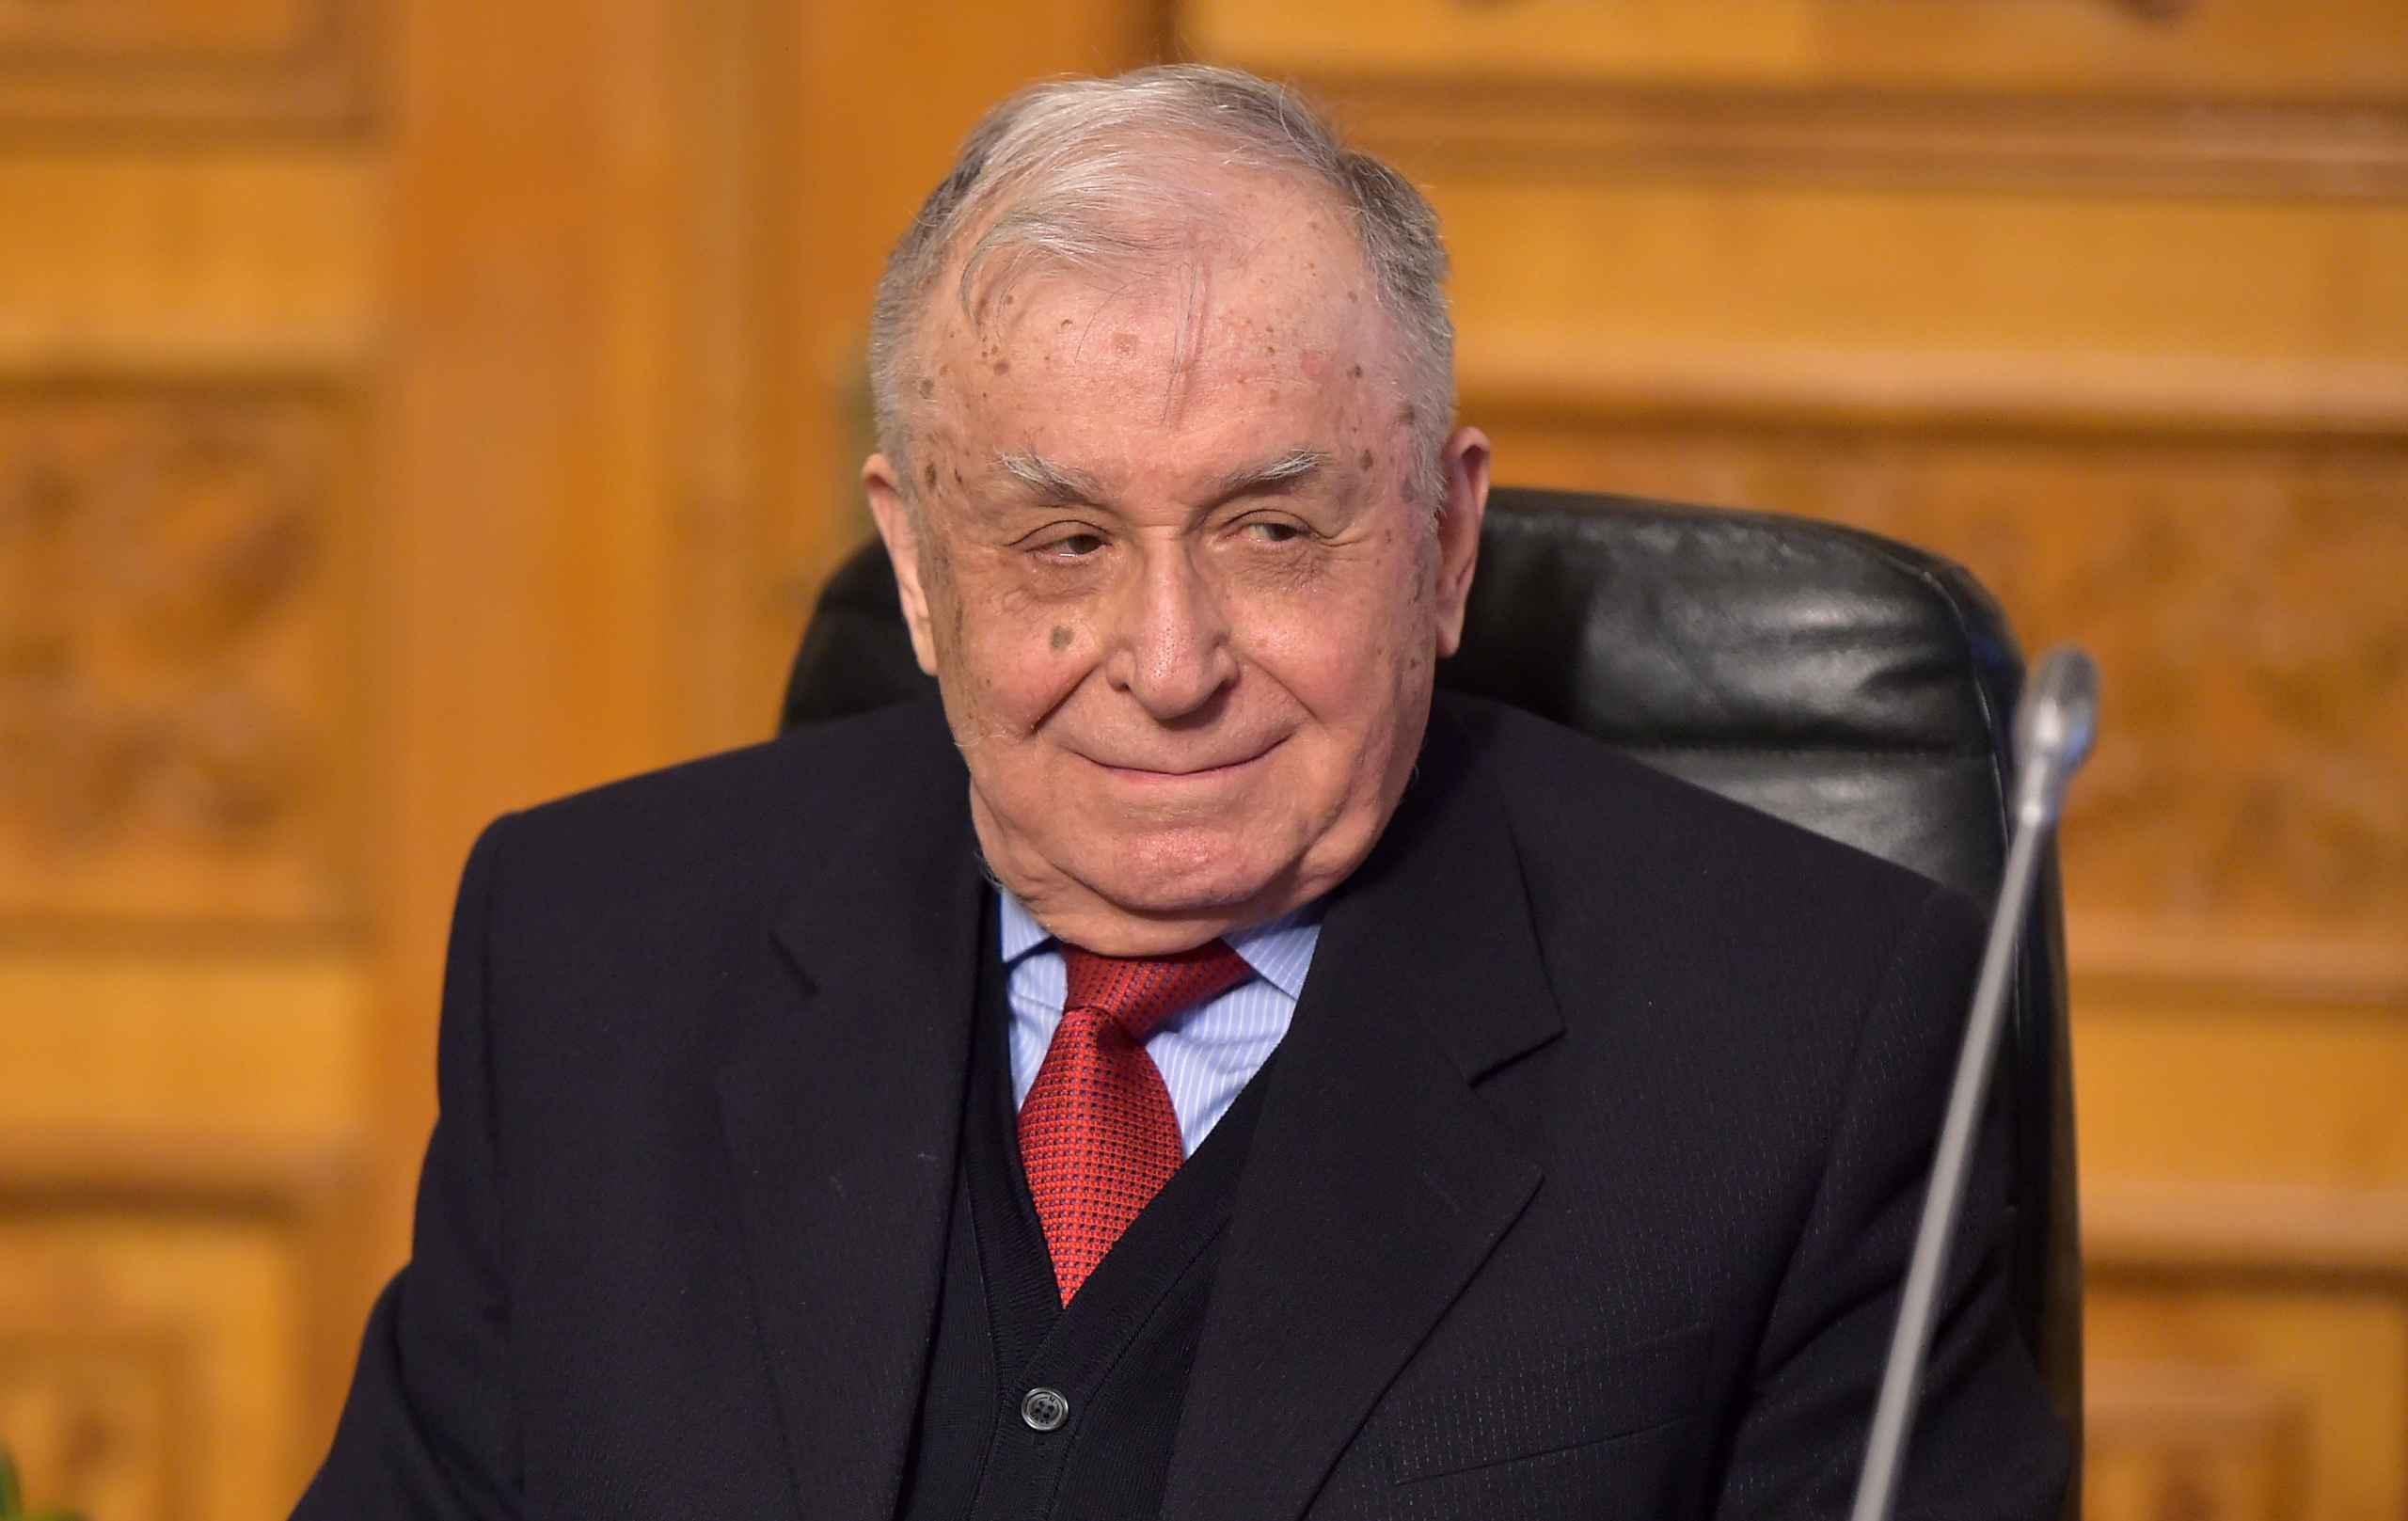 Ion Iliescu face declarații despre clasa politică: Clasa politică se rupe de societate, devenind o frână socială